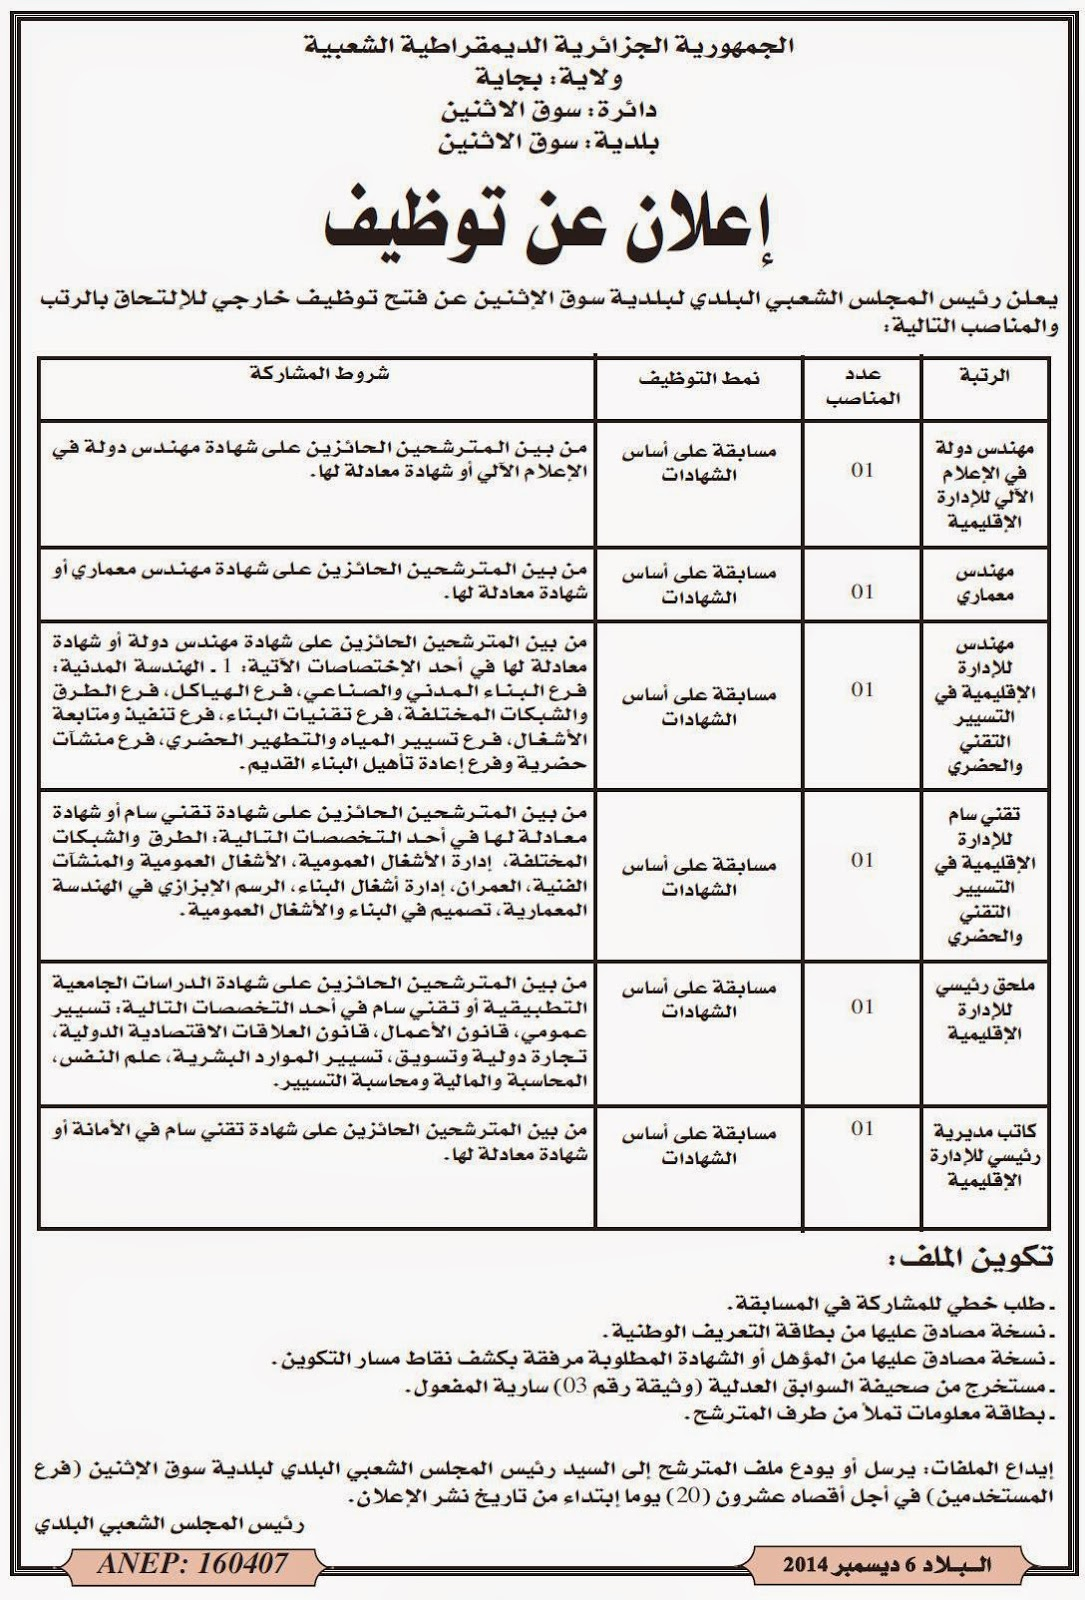 إعلان توظيف ببلدية سوق الاثنين ولاية بجاية